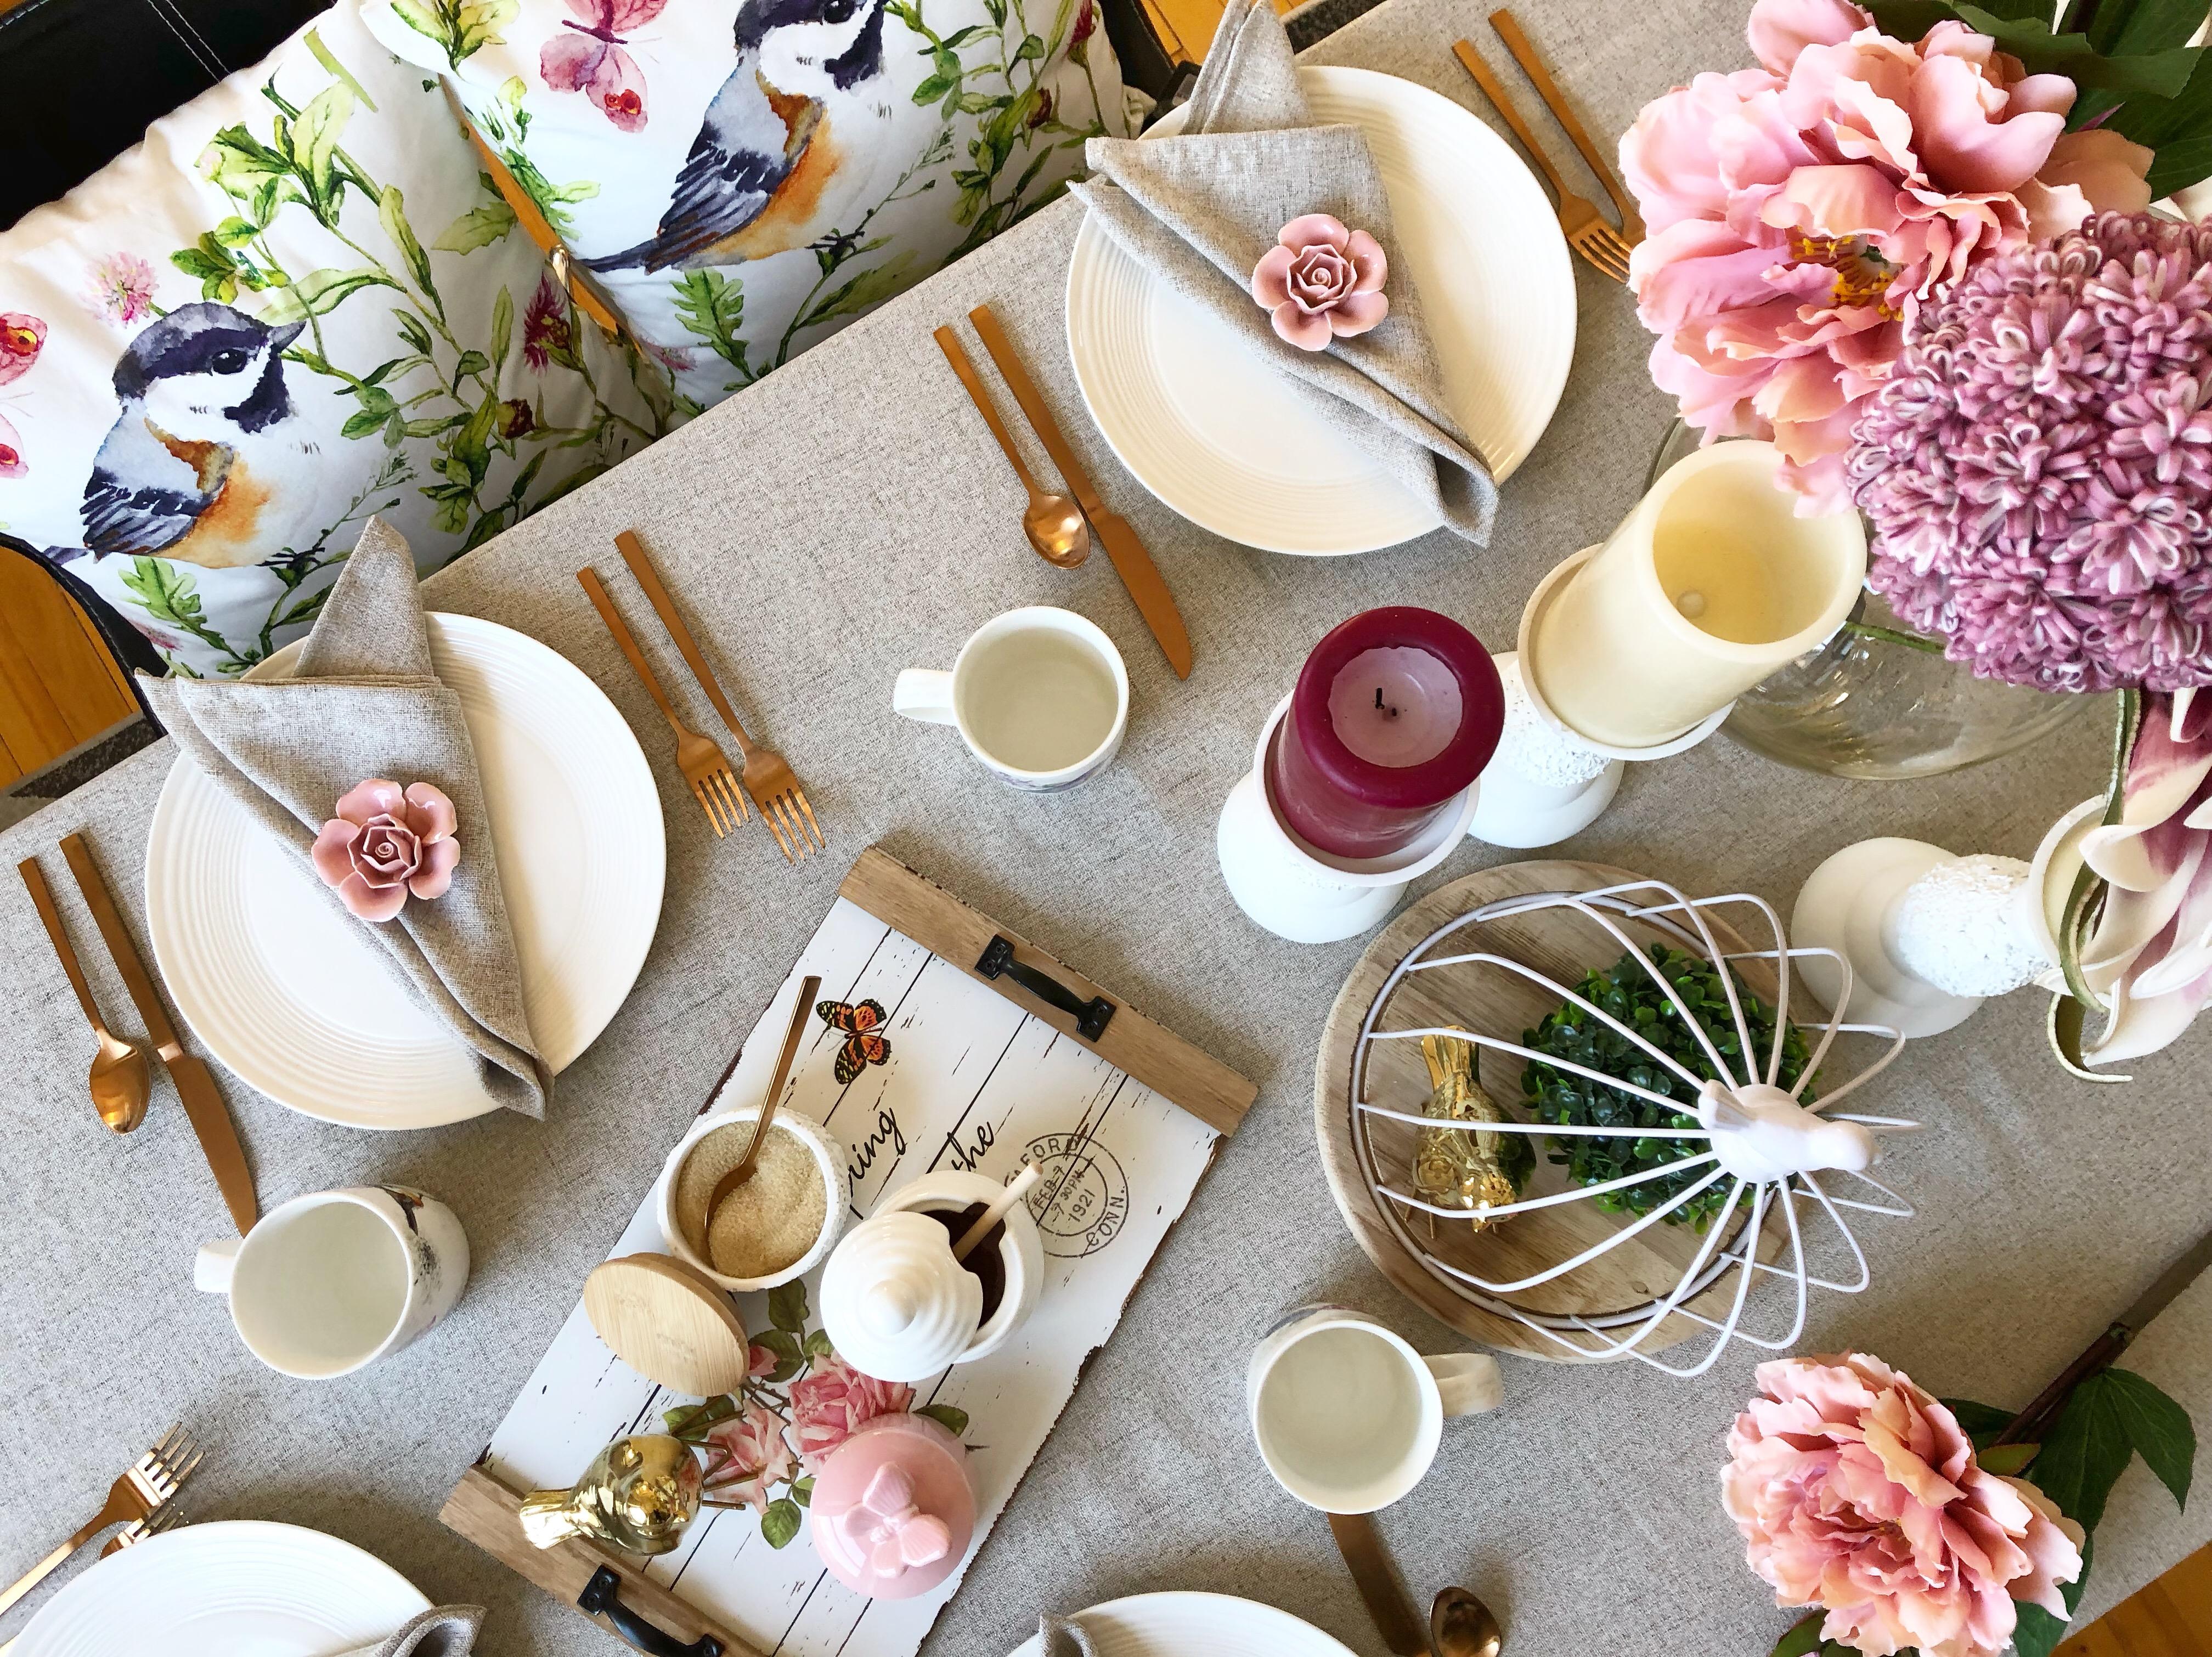 Dresser Une Table À L Anglaise les scones feuilletés préférés de priscila's kitchen